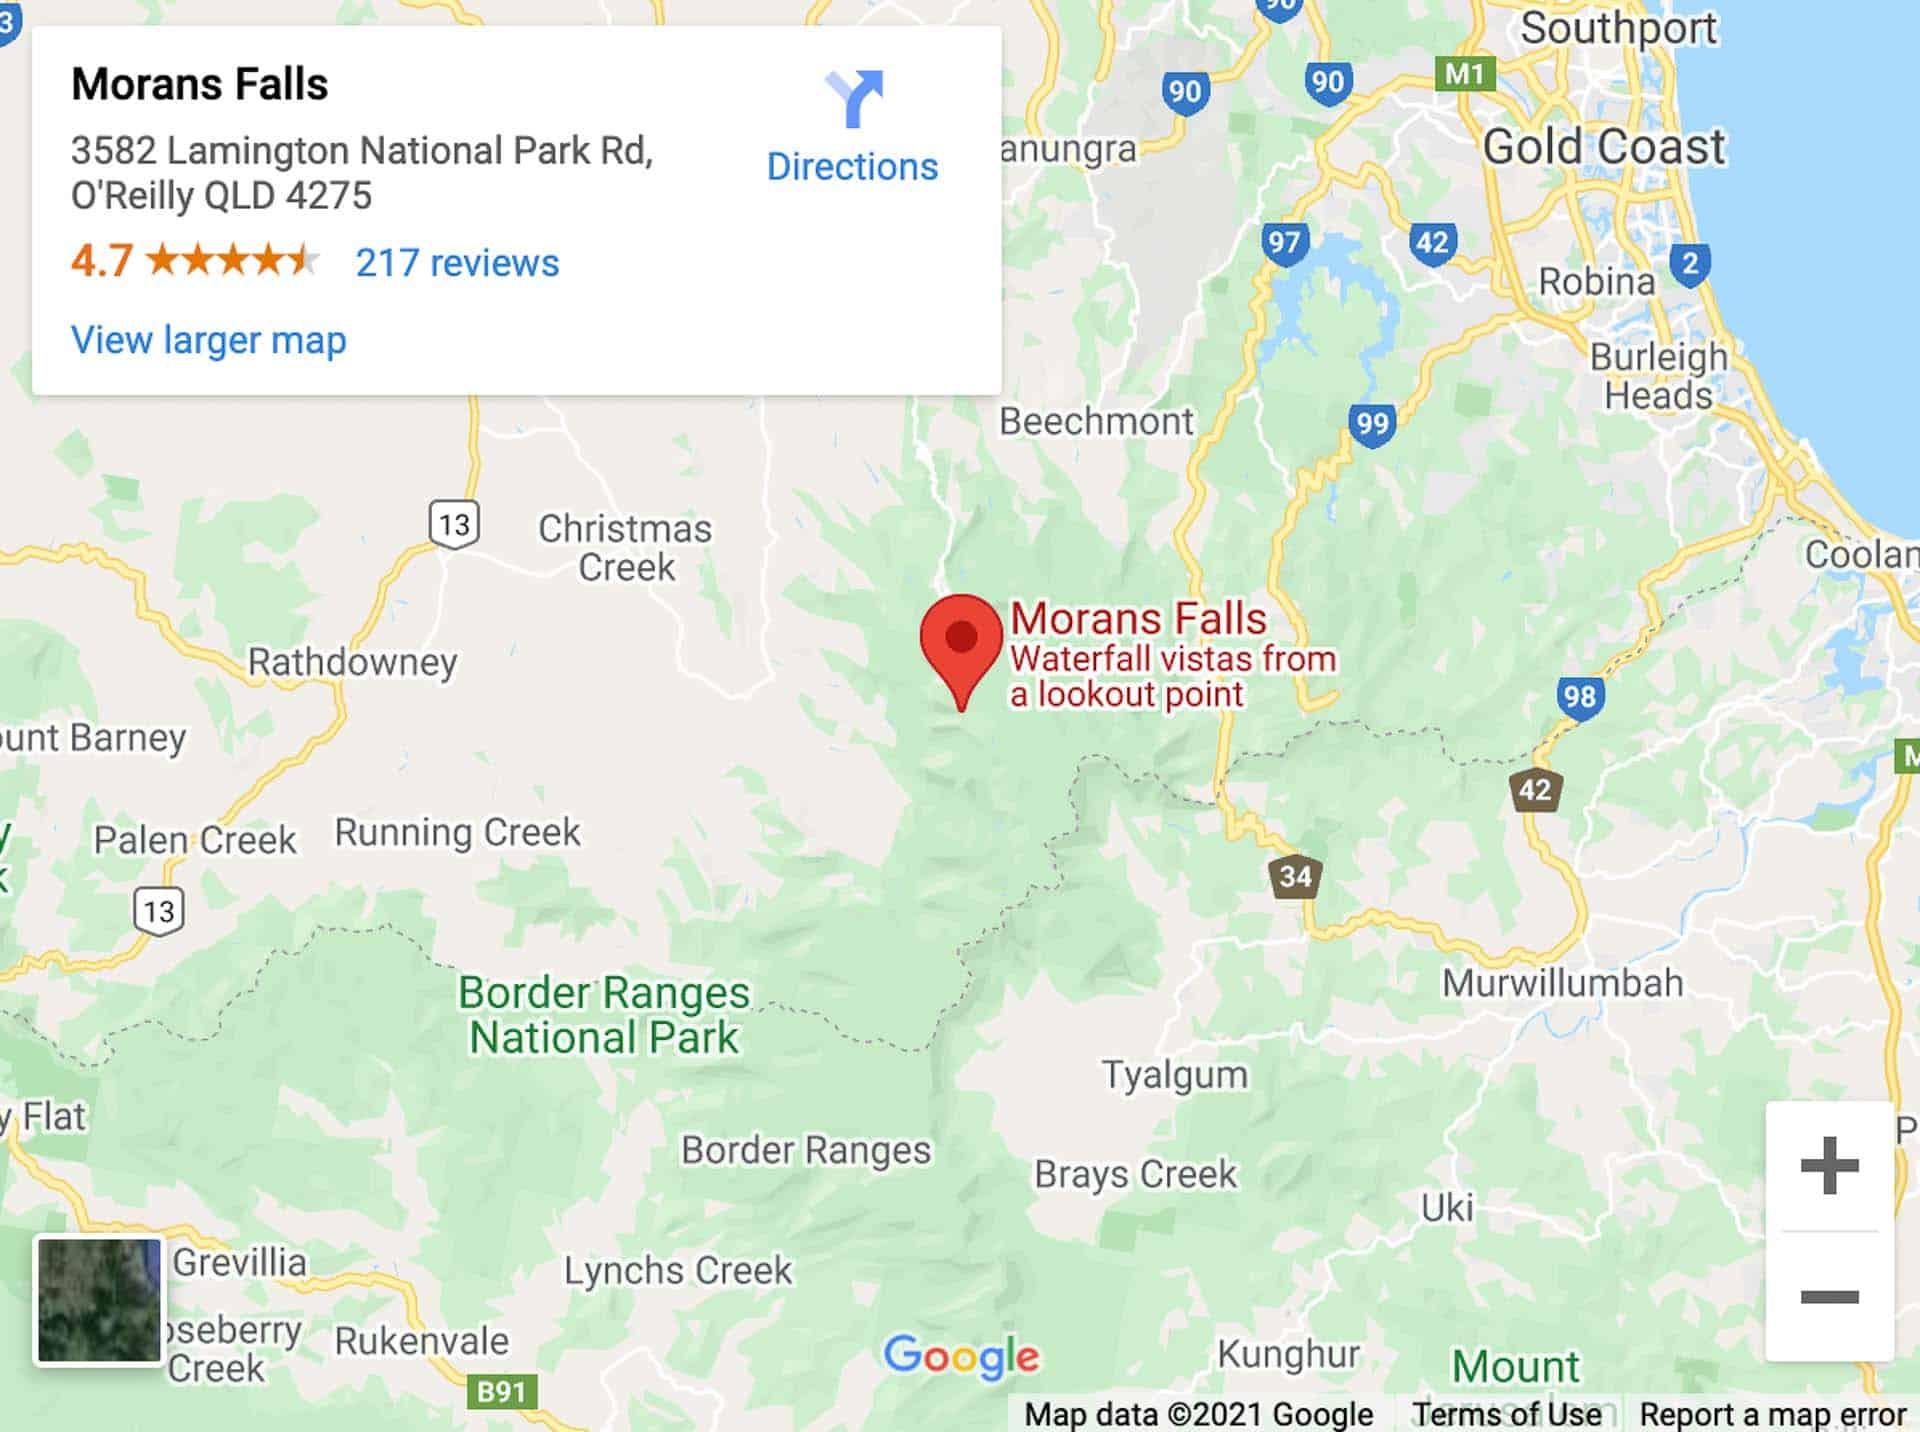 morans falls map